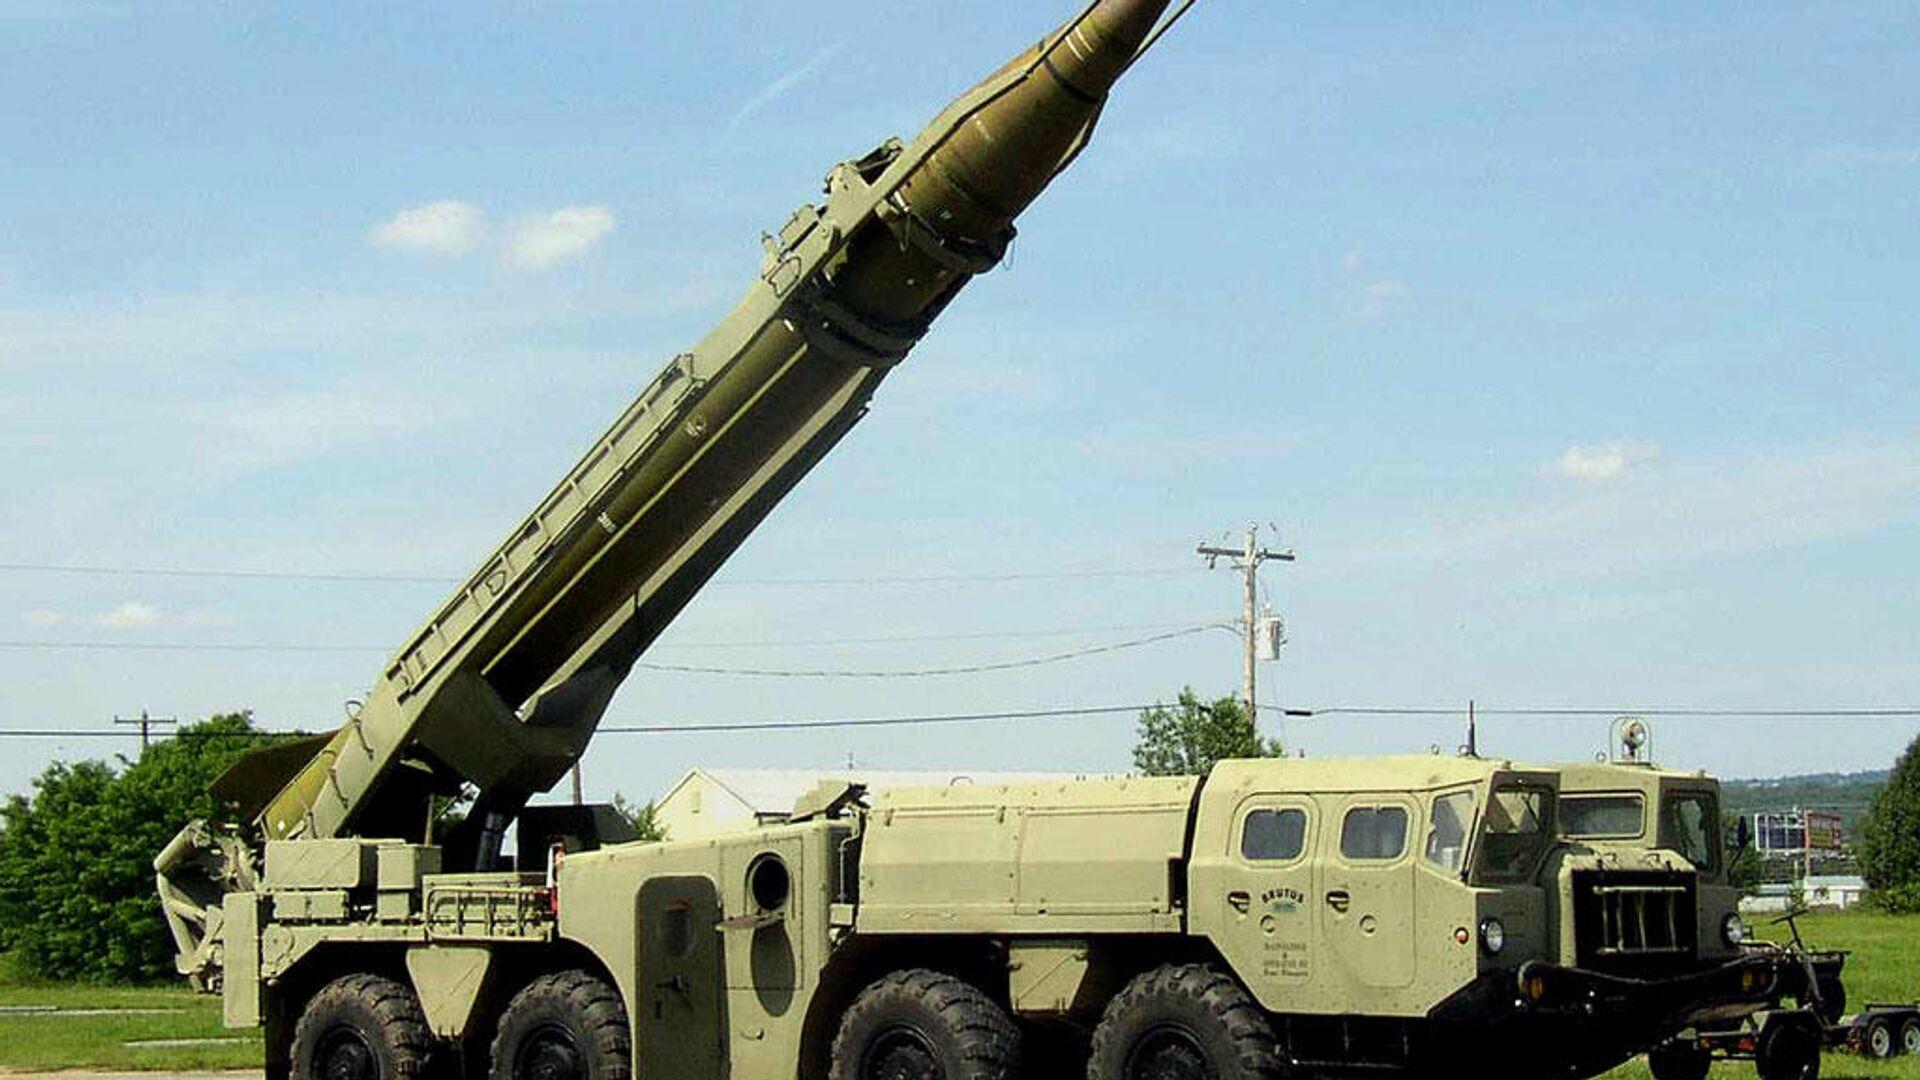 Оперативно-тактический ракетный комплекс 9К72 Эльбрус с ракетой 8К-14 (Р-17) - РИА Новости, 1920, 12.10.2020